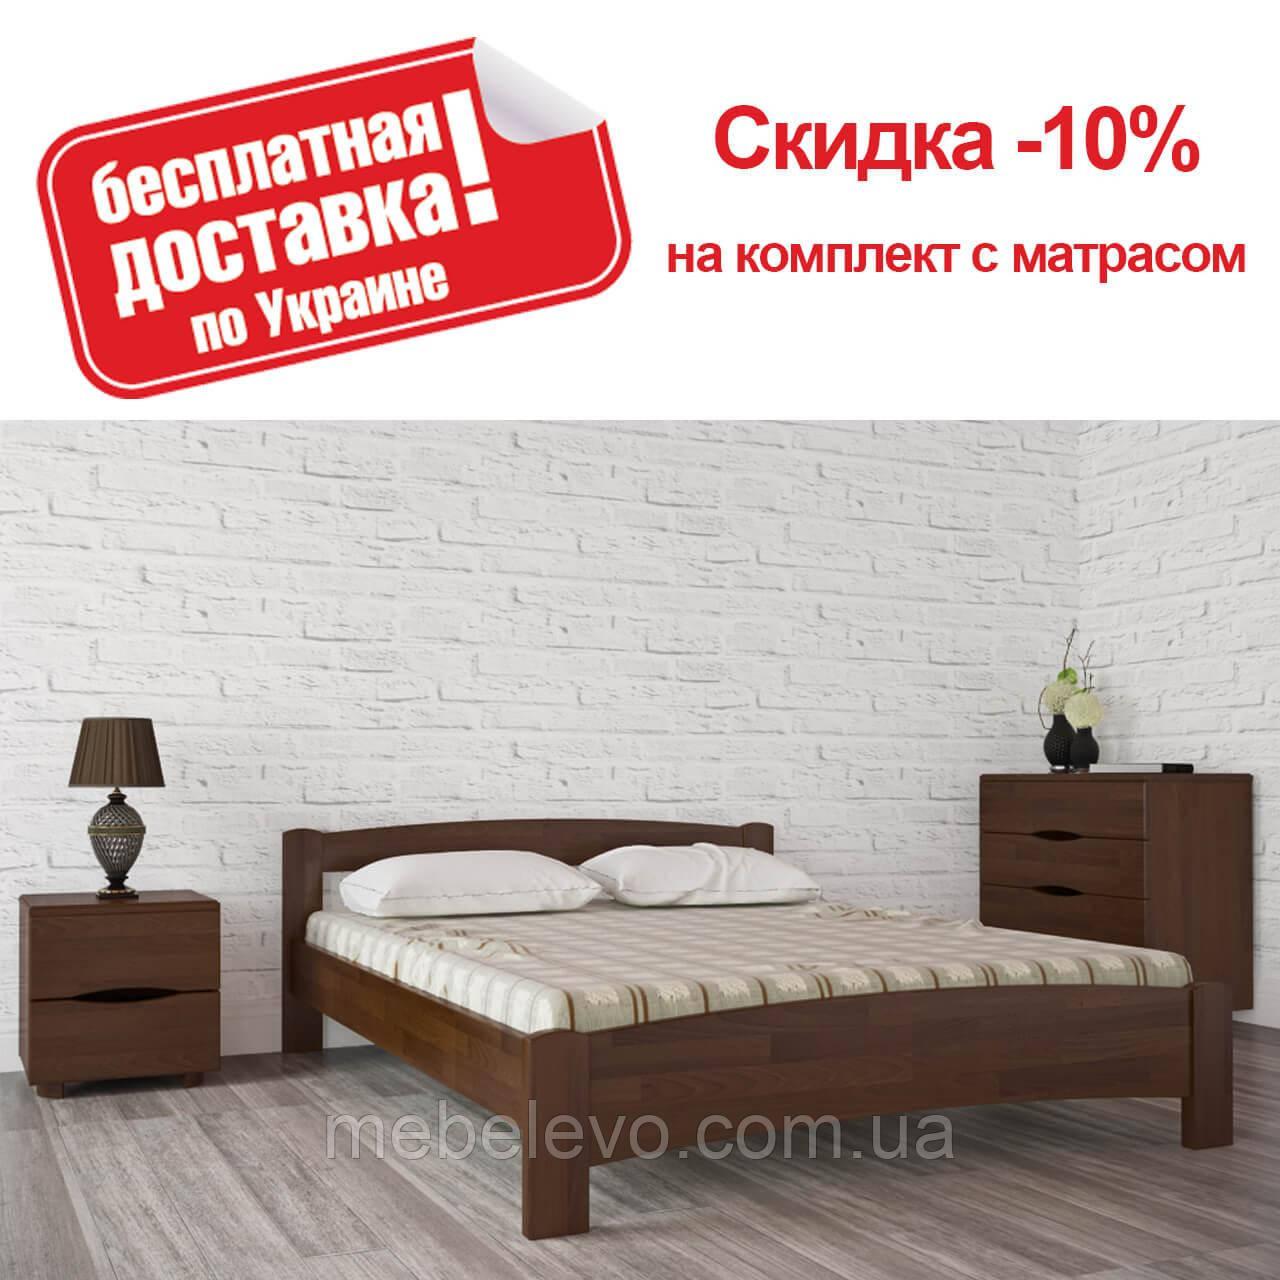 Кровать полуторная Милана 120 Олимп